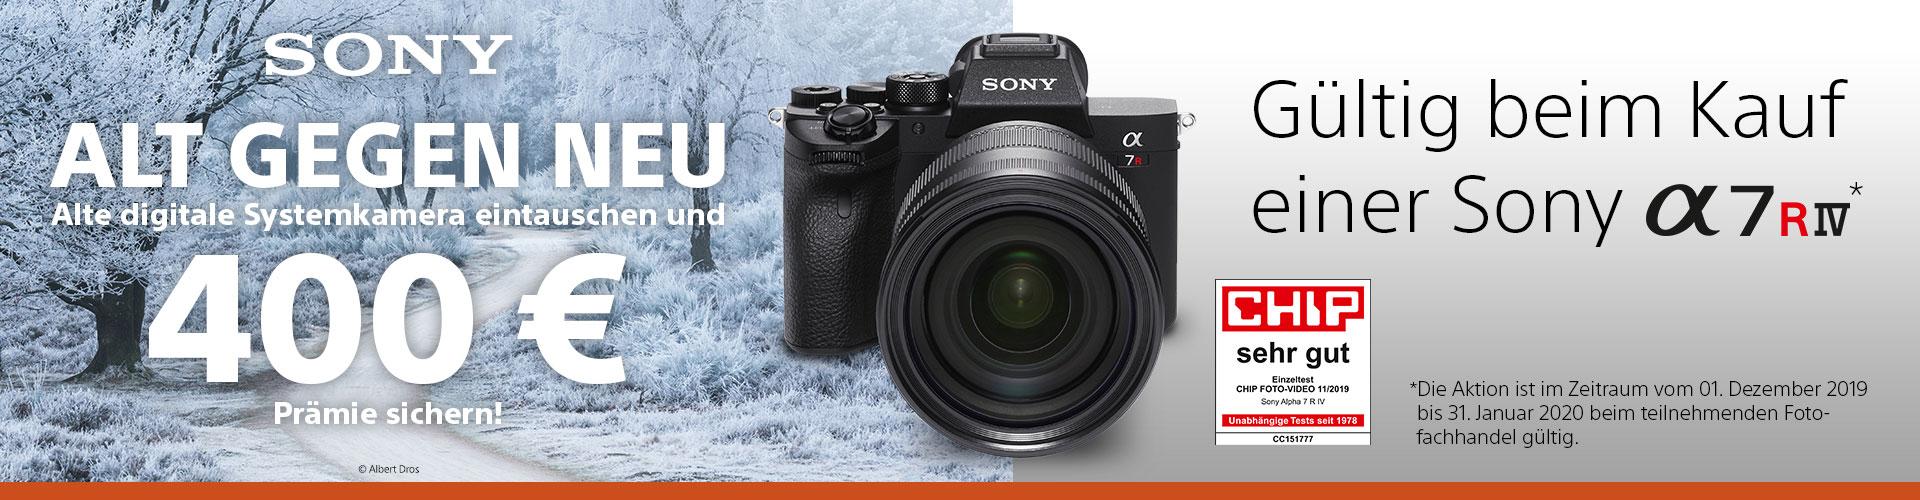 Sony Alpha 7R IV Alt-gegen-Neu Aktion